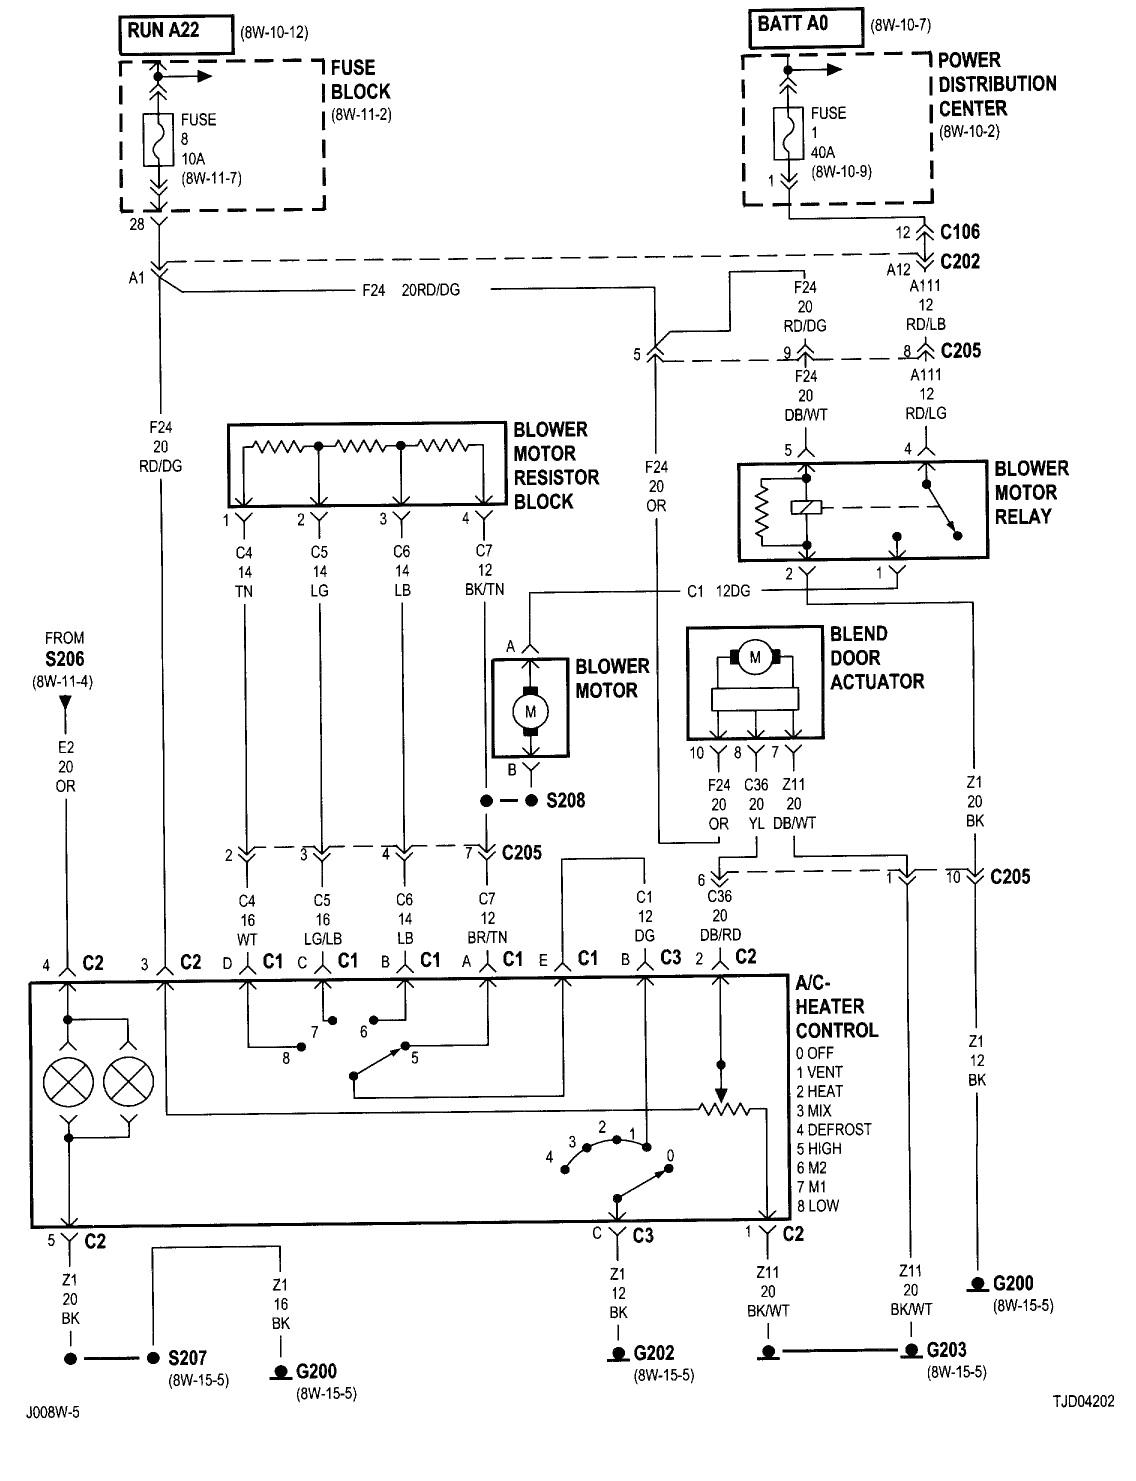 2000 jeep wrangler wiring schematic wiring diagram name 92 jeep wrangler wiring schematics jeep wrangler schematics